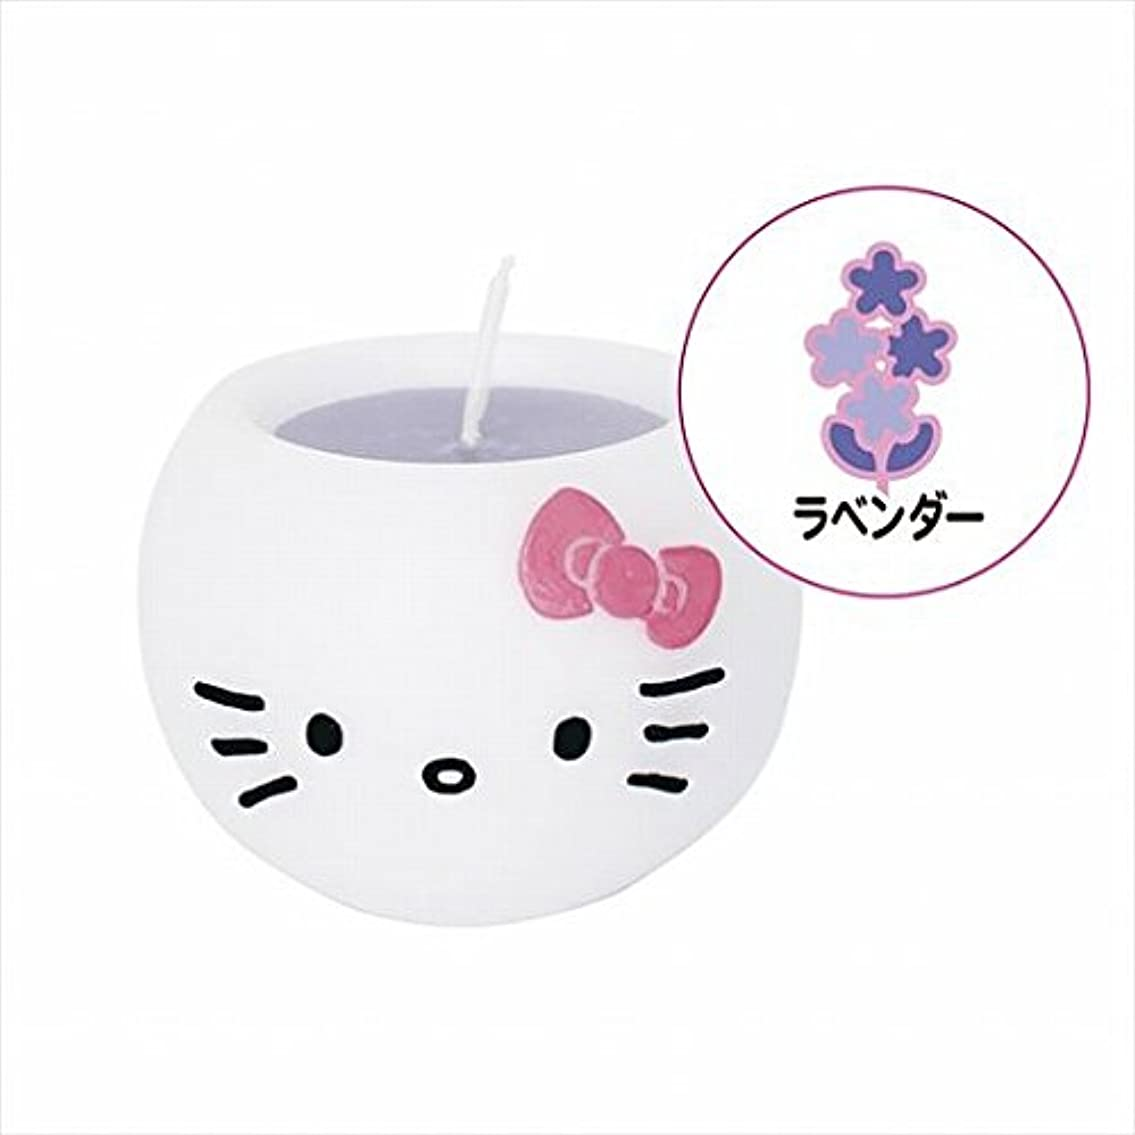 招待マイナー領事館カメヤマキャンドル( kameyama candle ) ハローキティアロマキャンドル 「 ラベンダー 」